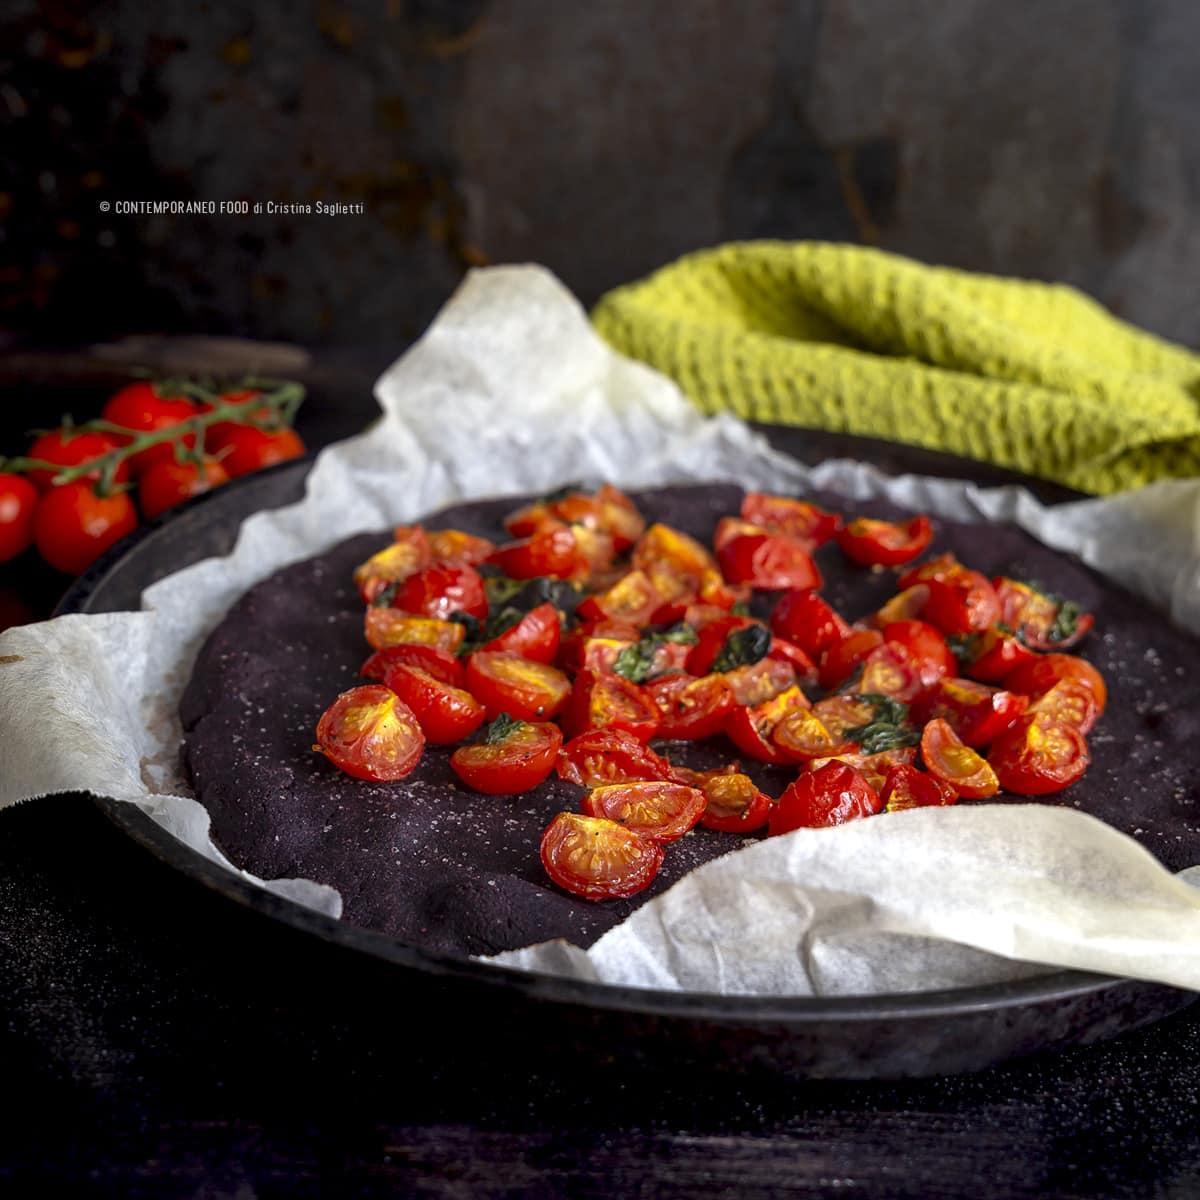 focaccia-croccante-alla-farina-di-riso-artemide-e-pachino-lievitati-senza-glutine-ricetta-facile-senza-glutine-contemporaneofood